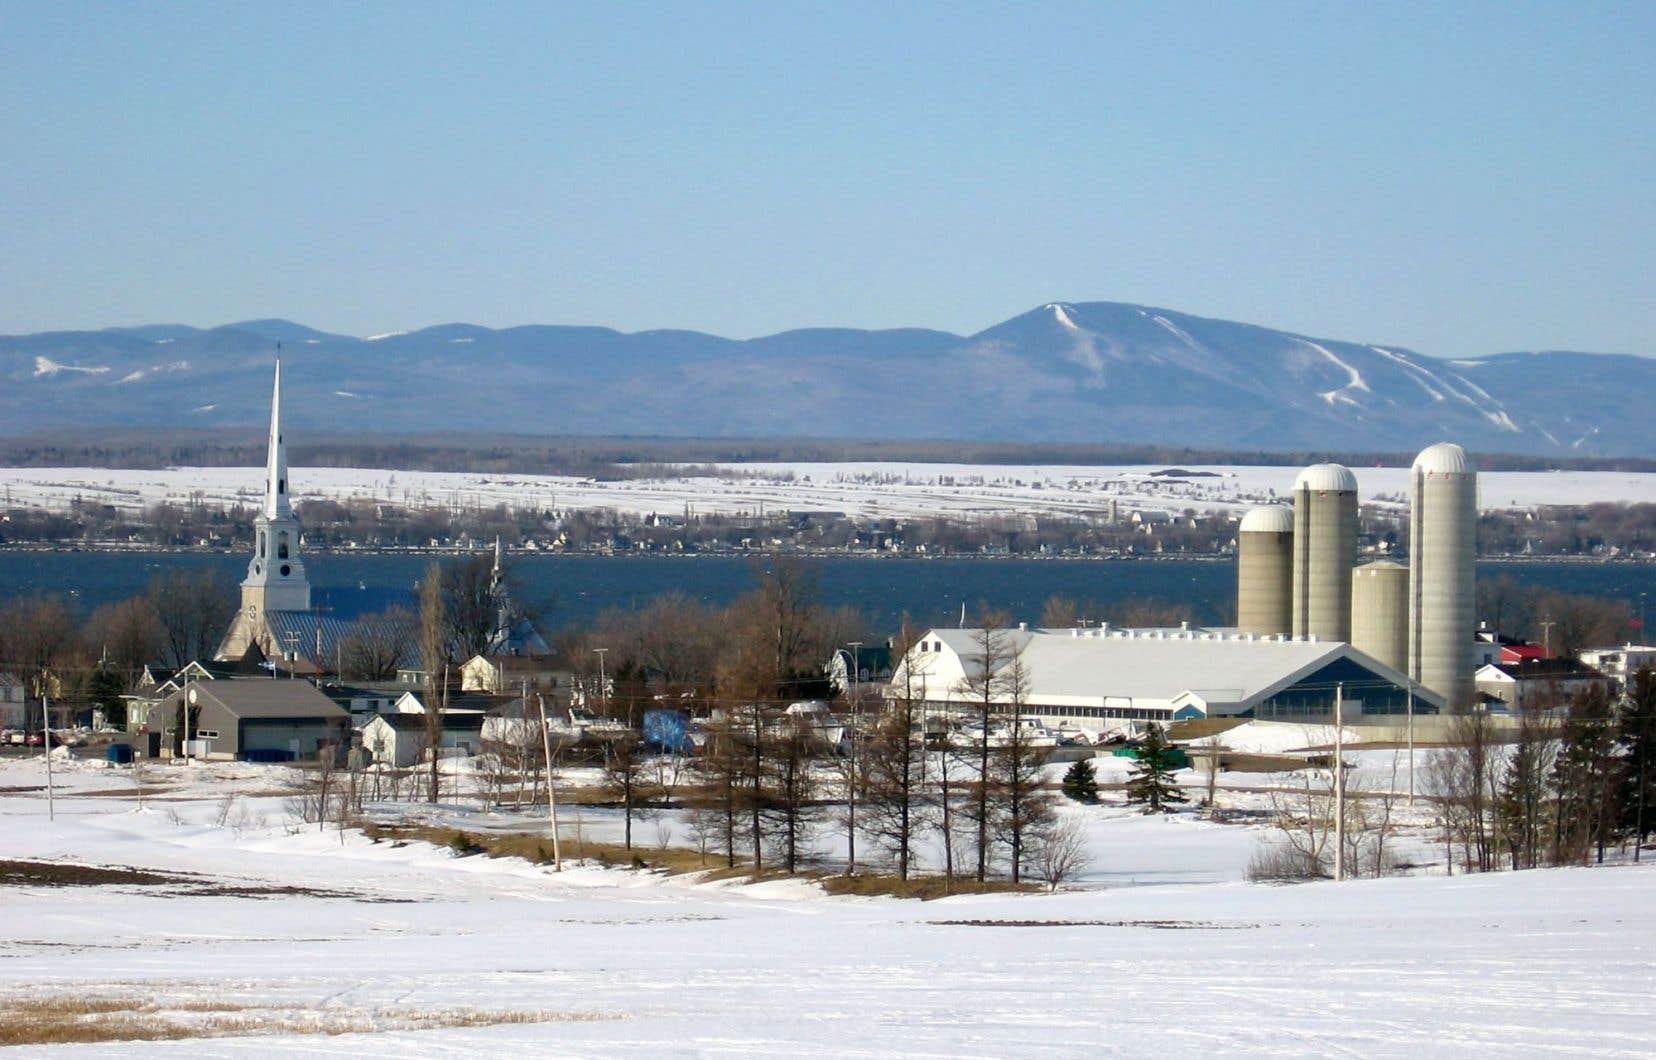 La coalition est formée des régions de l'Abitibi-Témiscamingue, du Bas-Saint-Laurent, de la Côte-Nord, de la Gaspésie–Îles-de-la-Madeleine, du Nord-du-Québec, de l'Outaouais et de Chaudière-Appalaches.